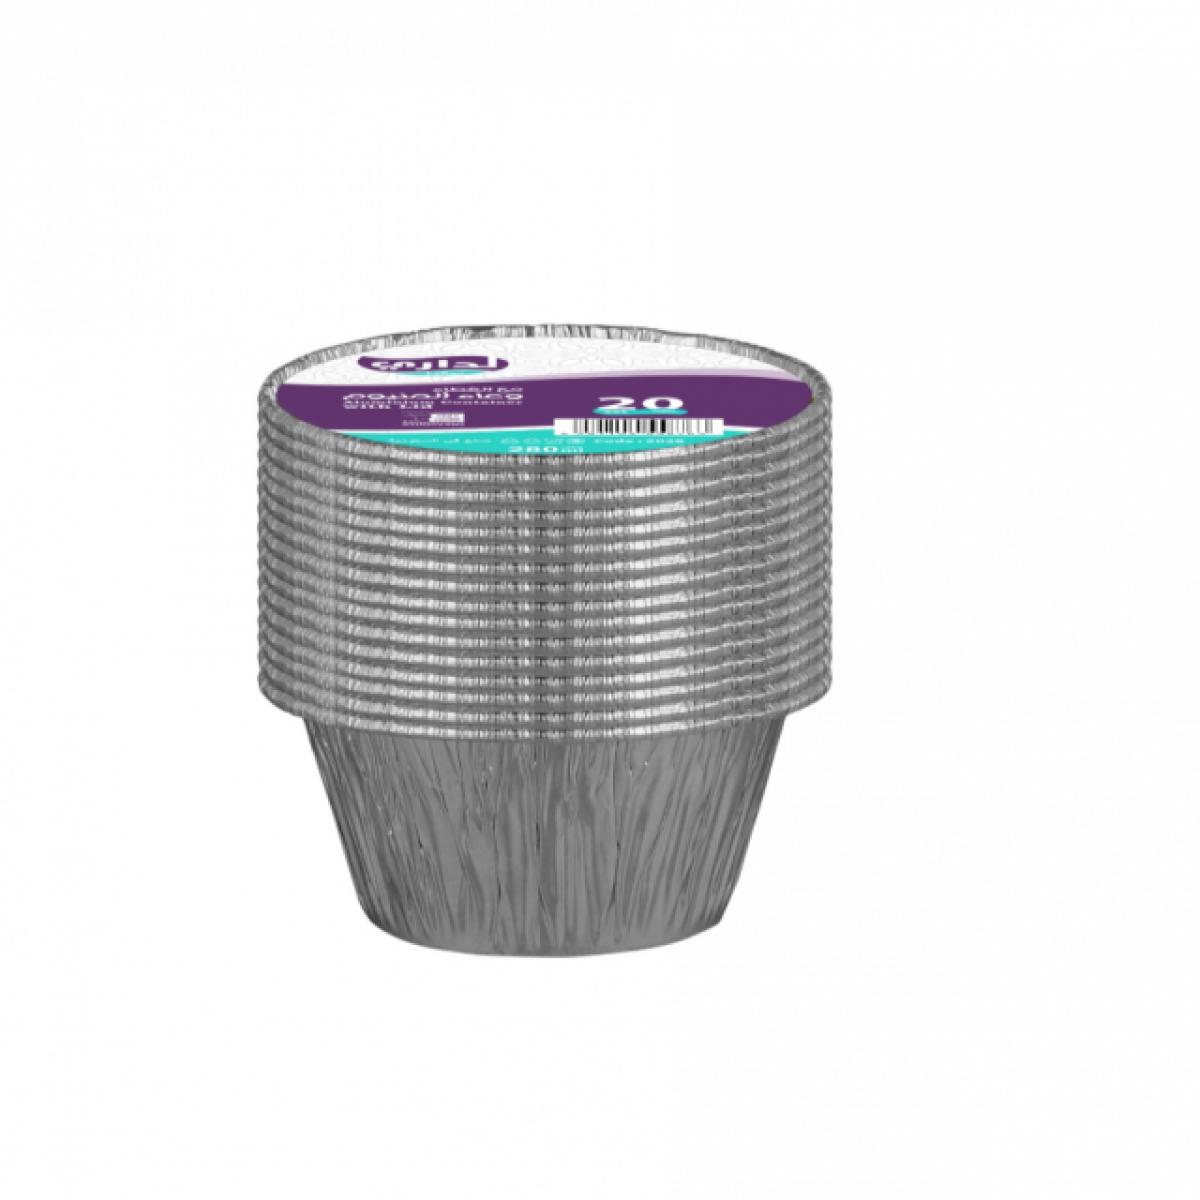 وعاء المنيوم بغطاء لداري 280 ملل 20 حبة موديل  5028